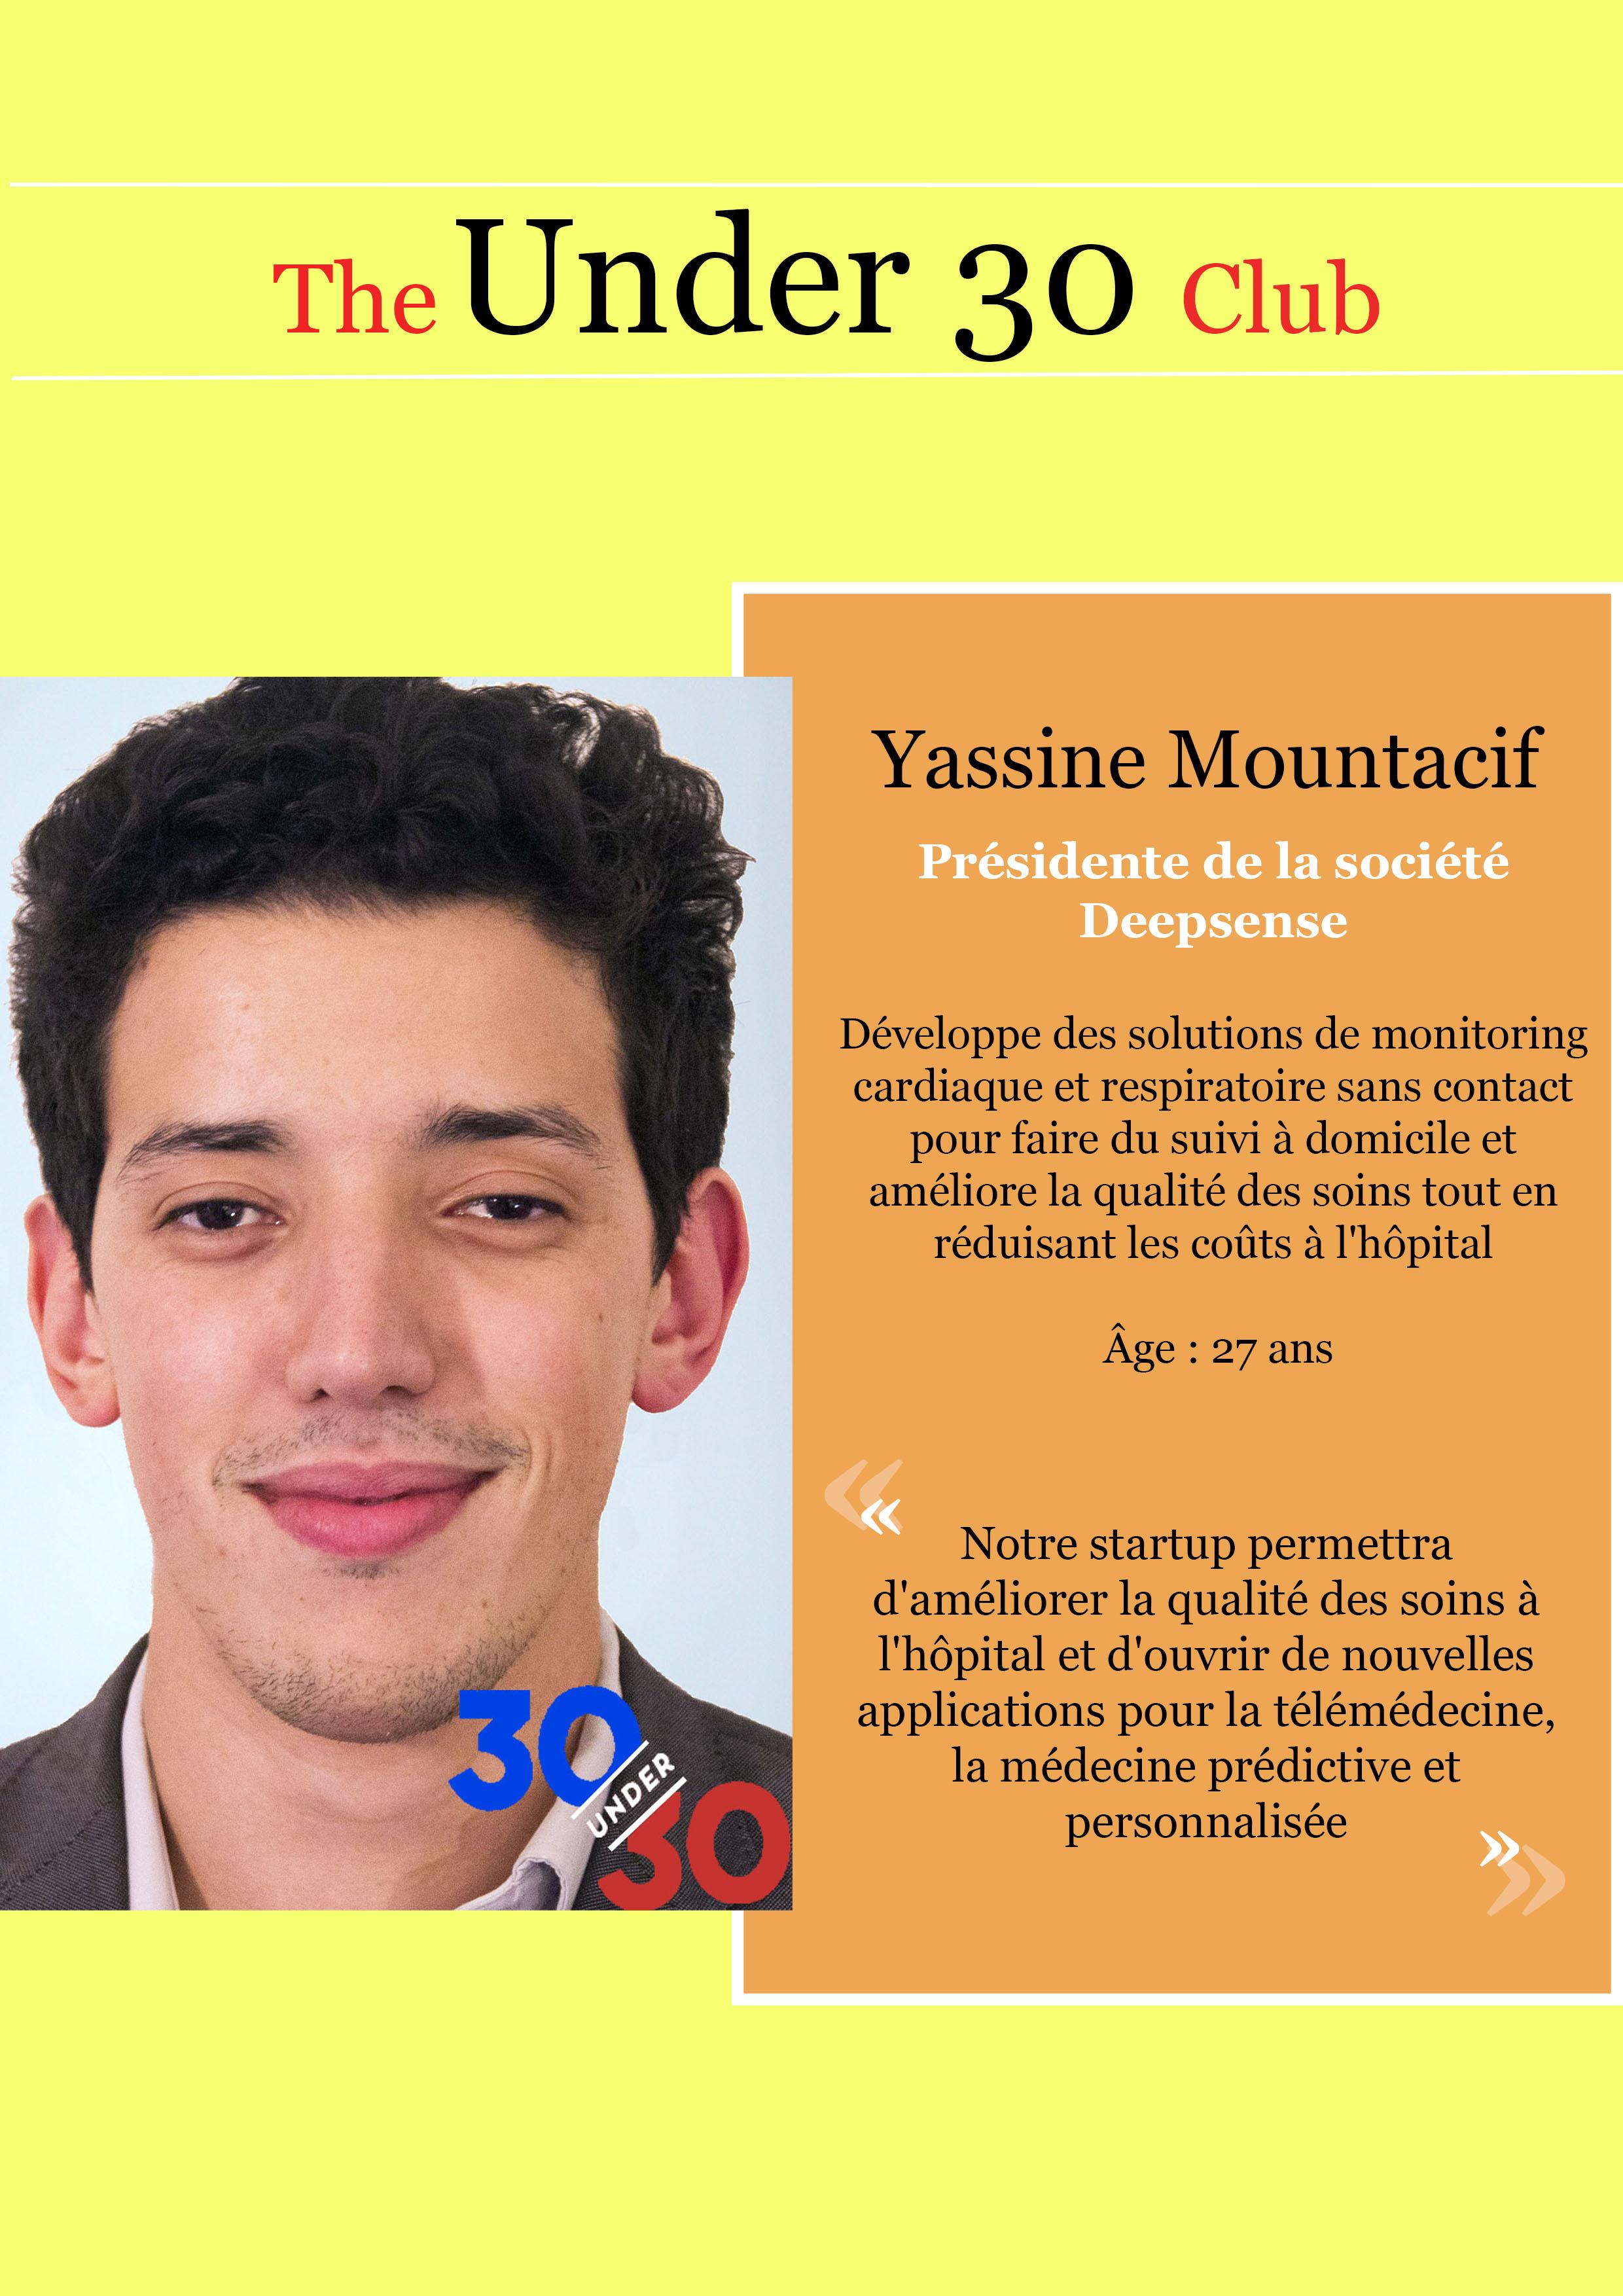 Yassine Mountacif